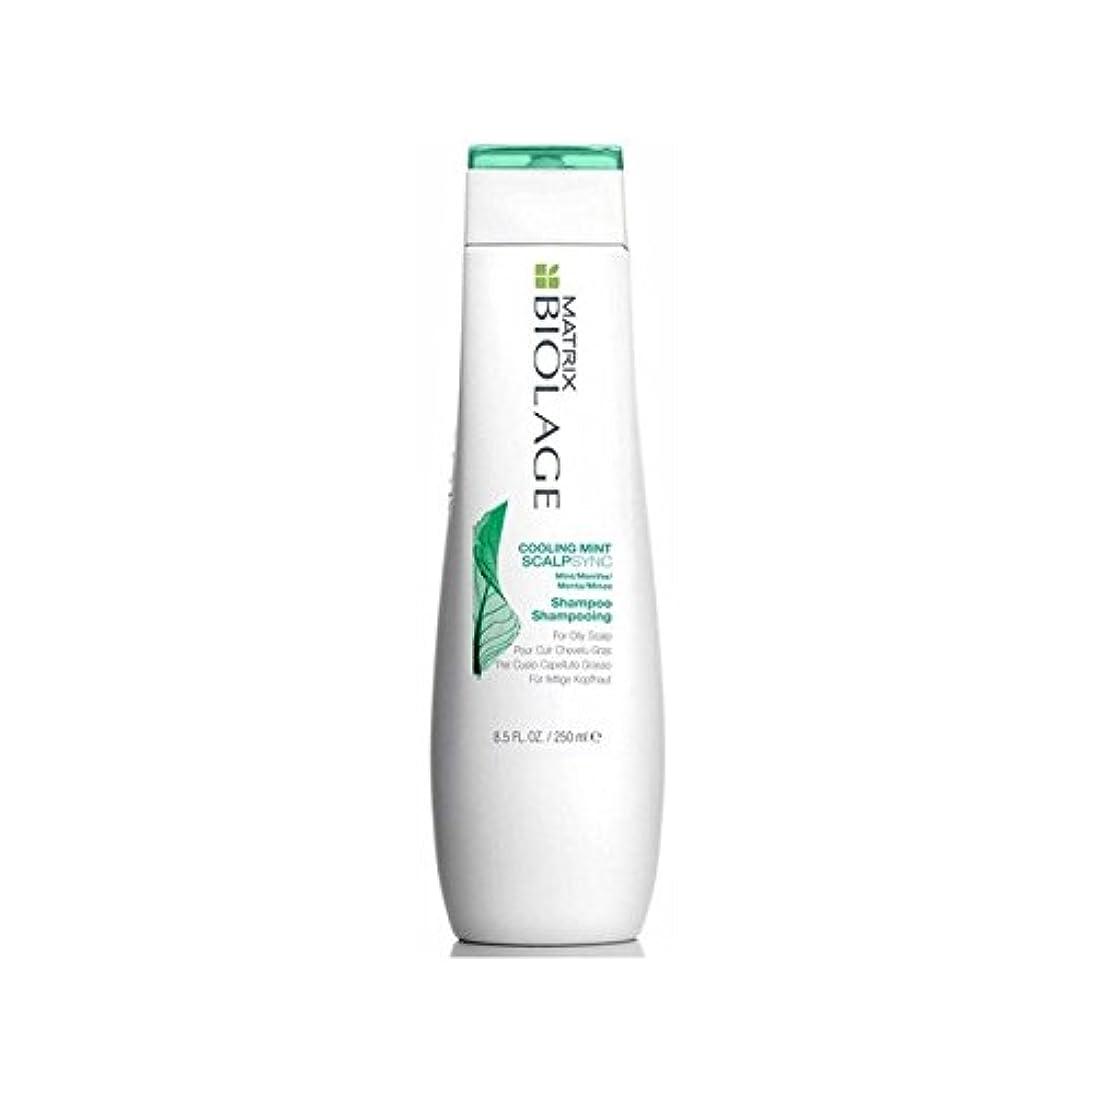 光電矢虐殺Matrix Biolage Scalptherapie Scalp Cooling Mint Shampoo (250ml) (Pack of 6) - ミントシャンプー(250ミリリットル)を冷却マトリックスバイオレイジ...